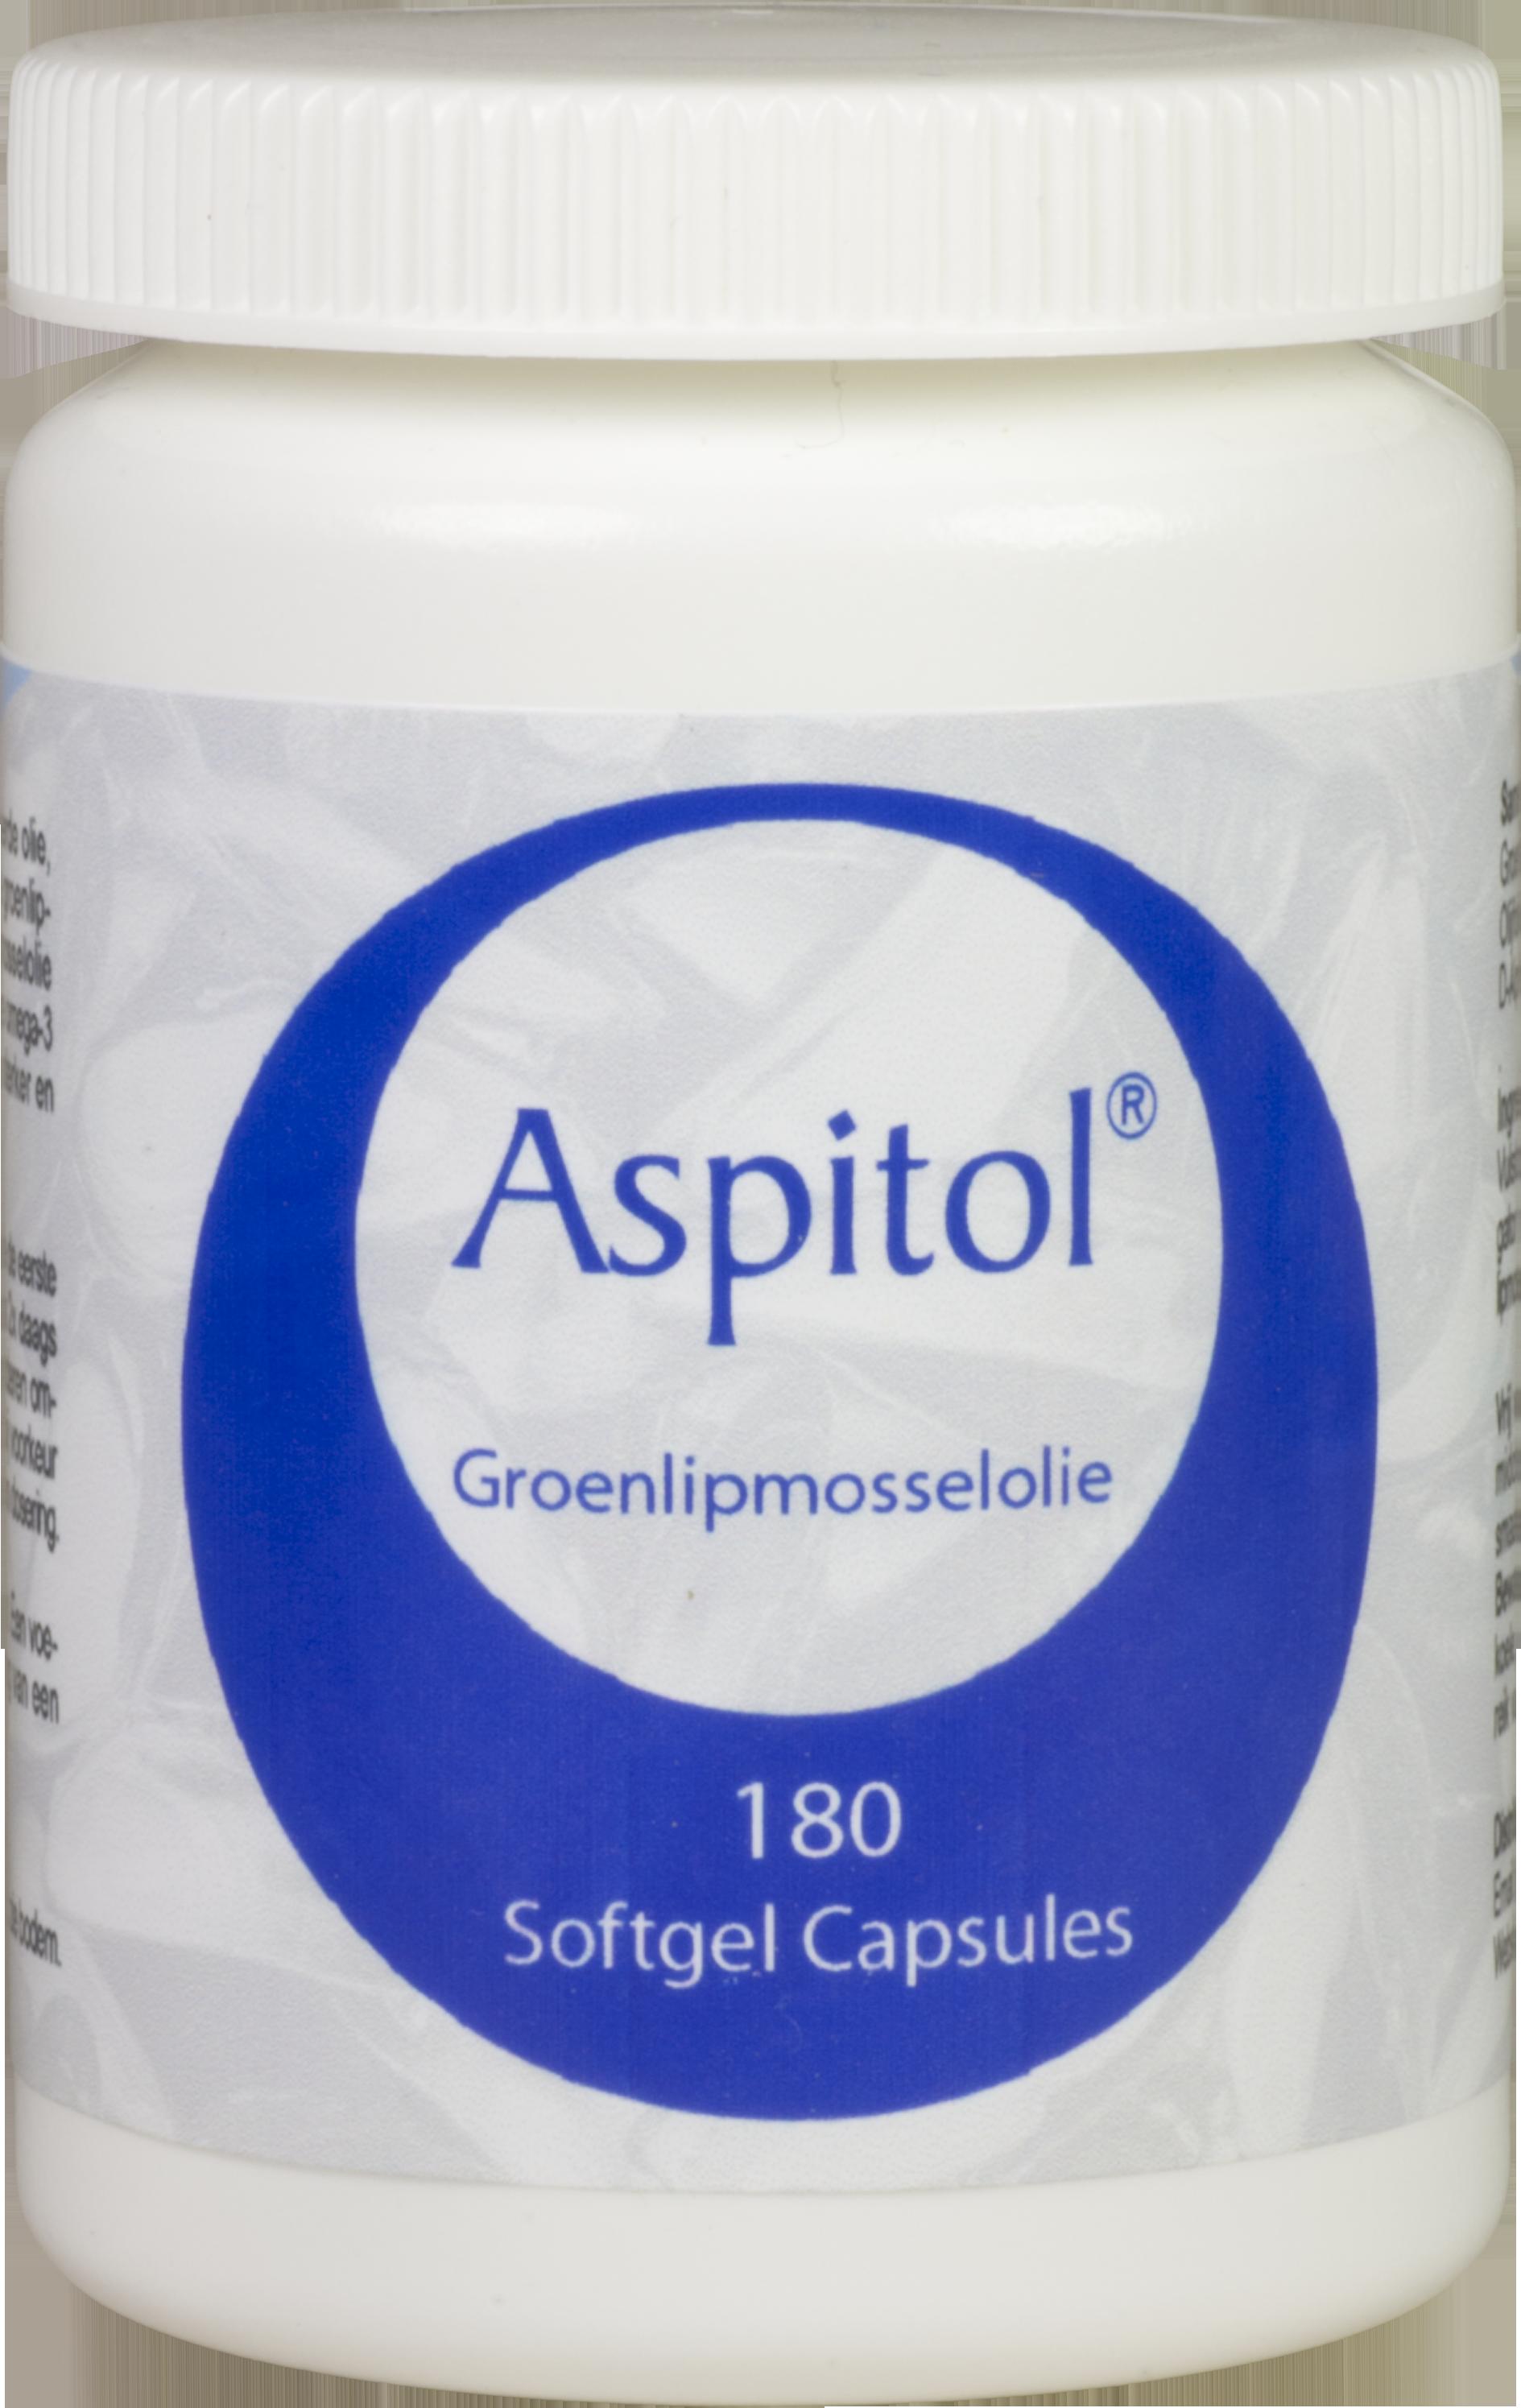 Aspitol 180